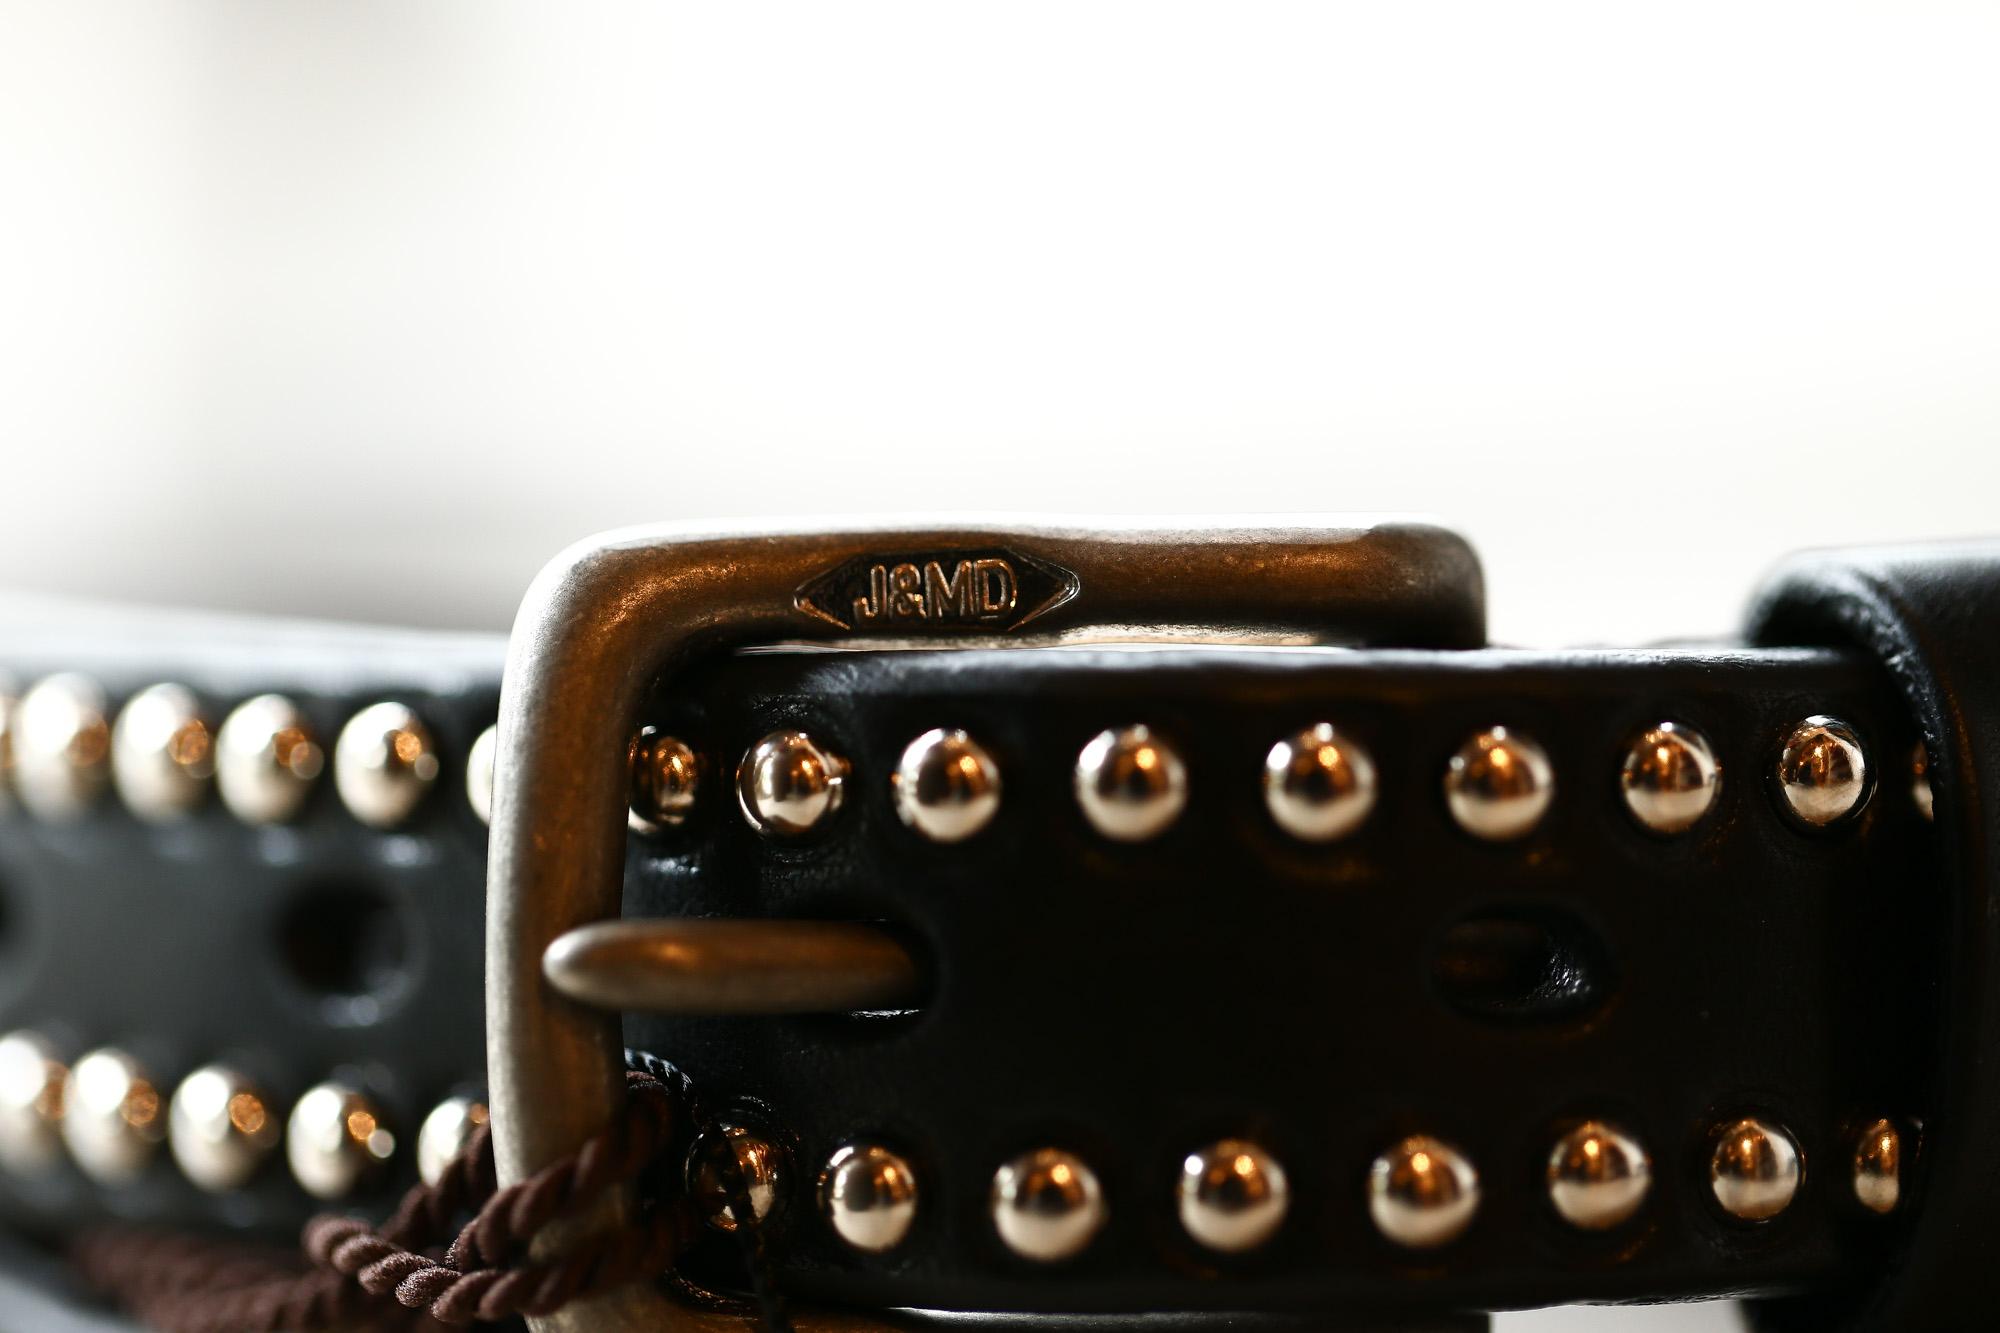 J&M DAVIDSON (ジェイアンドエムデヴィッドソン) NARROW SIDE STUDS BELT 25MM (ナロー サイド スタッズ ベルト 25mm) COWHIDE LEATHER (カウハイドレザー) スタッズベルト BLACK (ブラック・999) Made in italy (イタリア製) 2017 秋冬新作 jmdavidson jandmdavidson ジェイエム 愛知 名古屋 Alto e Diritto アルト エ デリット ベルト